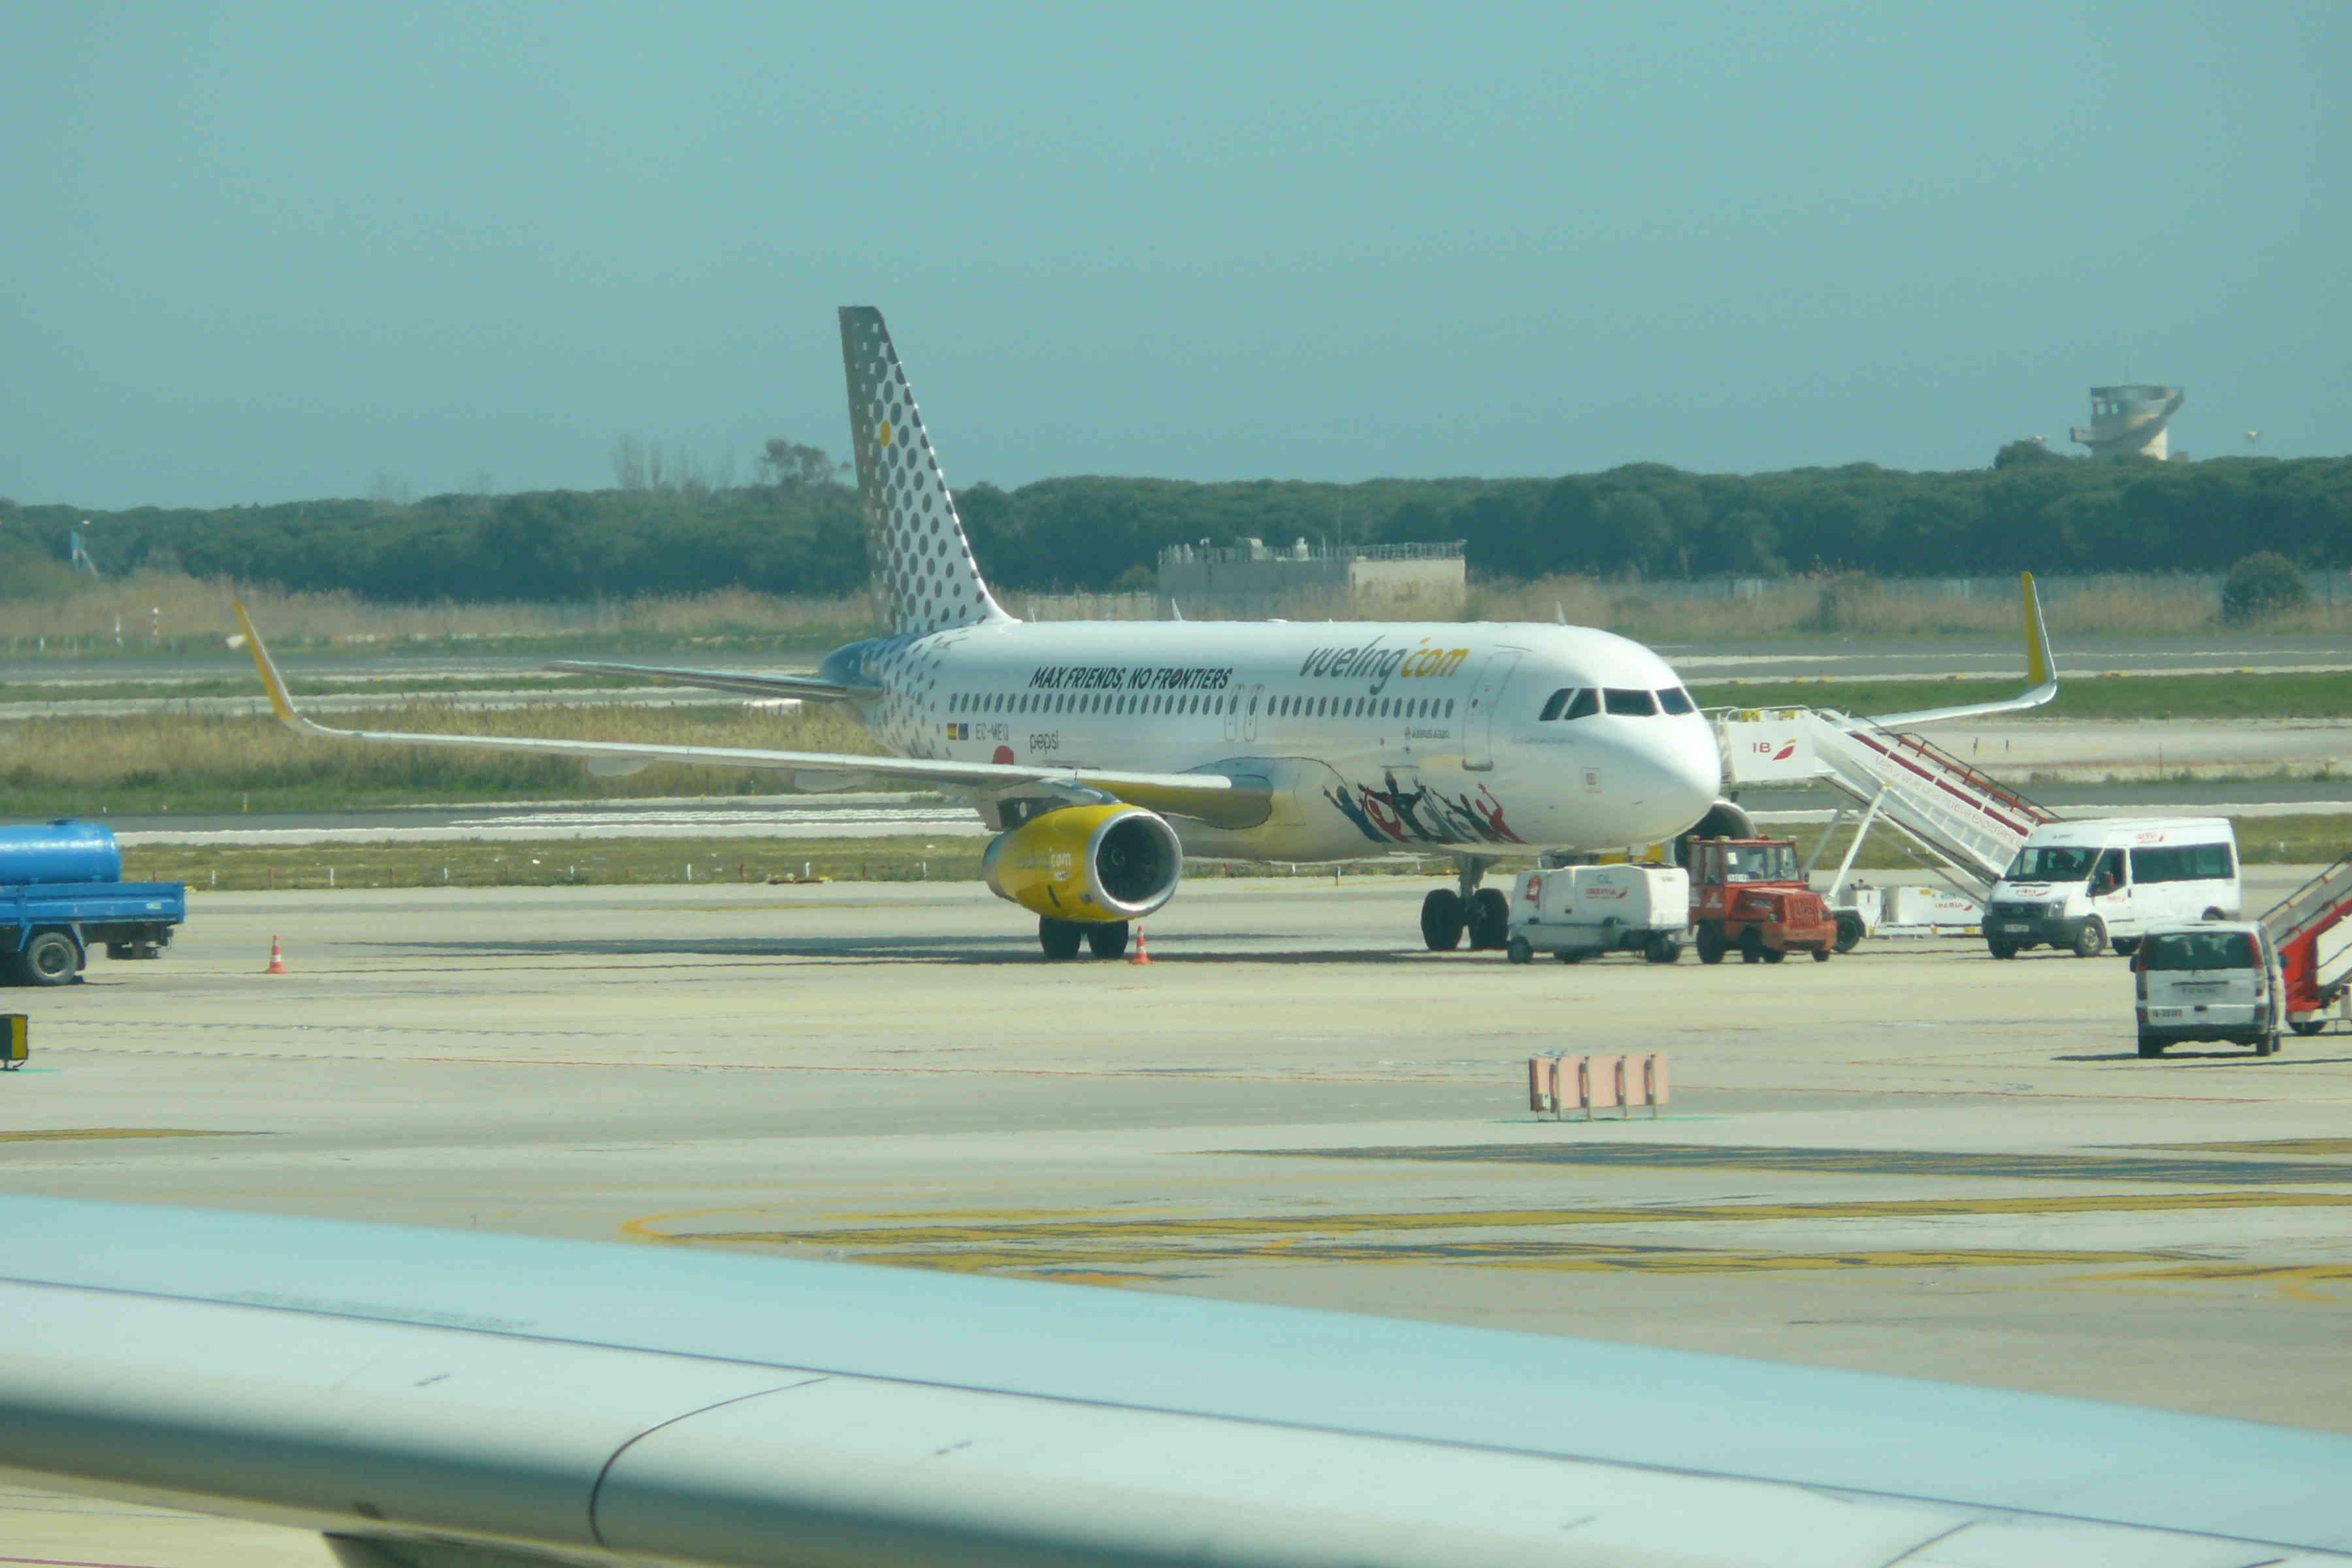 El Prat - Aeropuerto de Barcelona P1170312